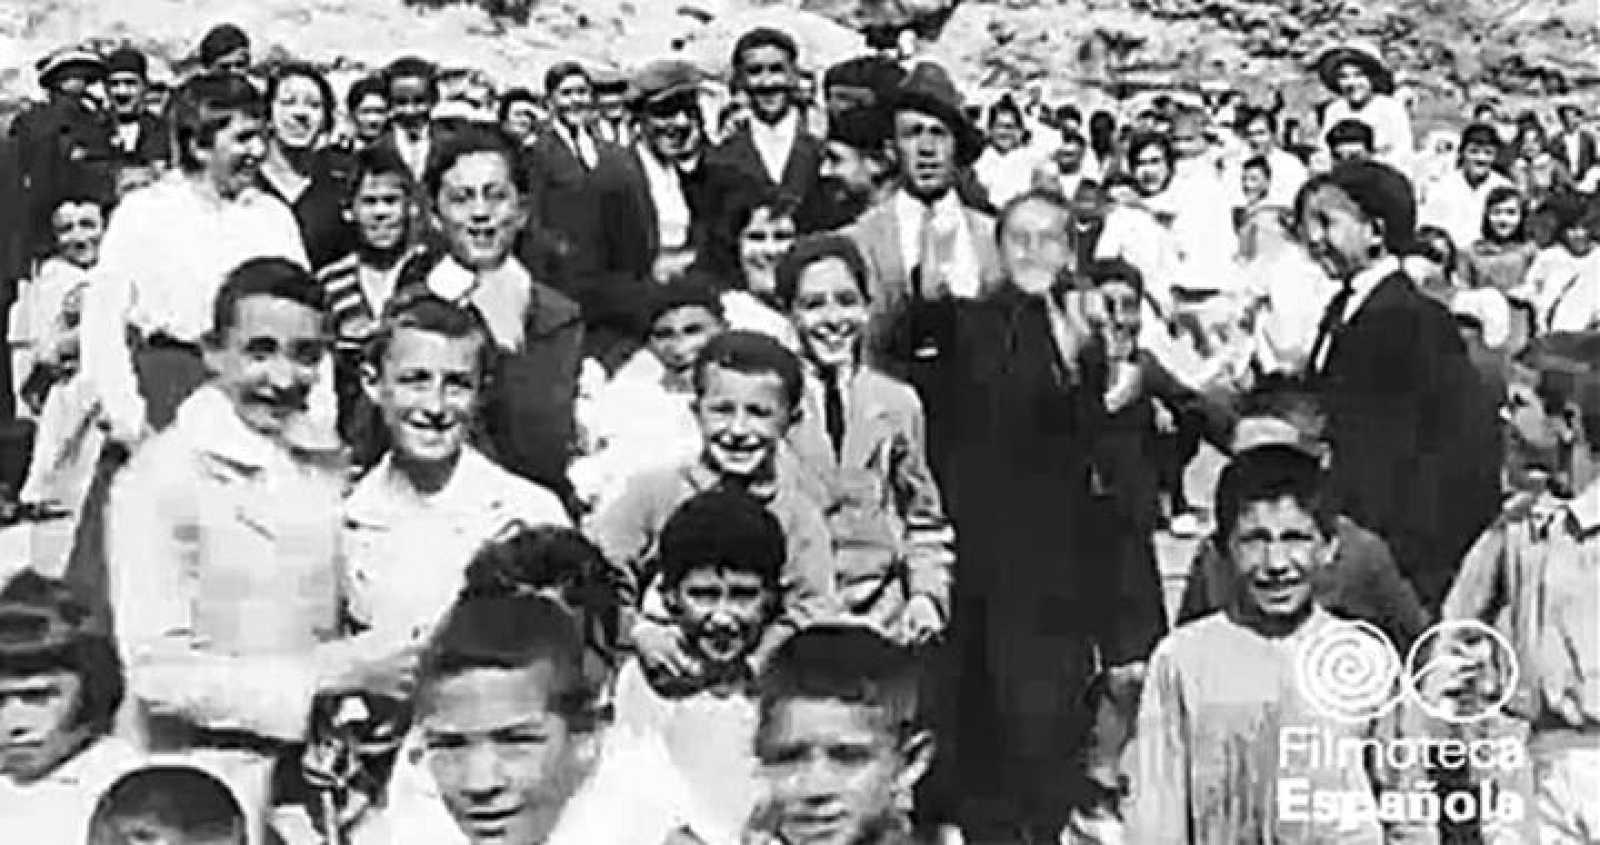 Vecinos de Llanes, Asturias, 1917